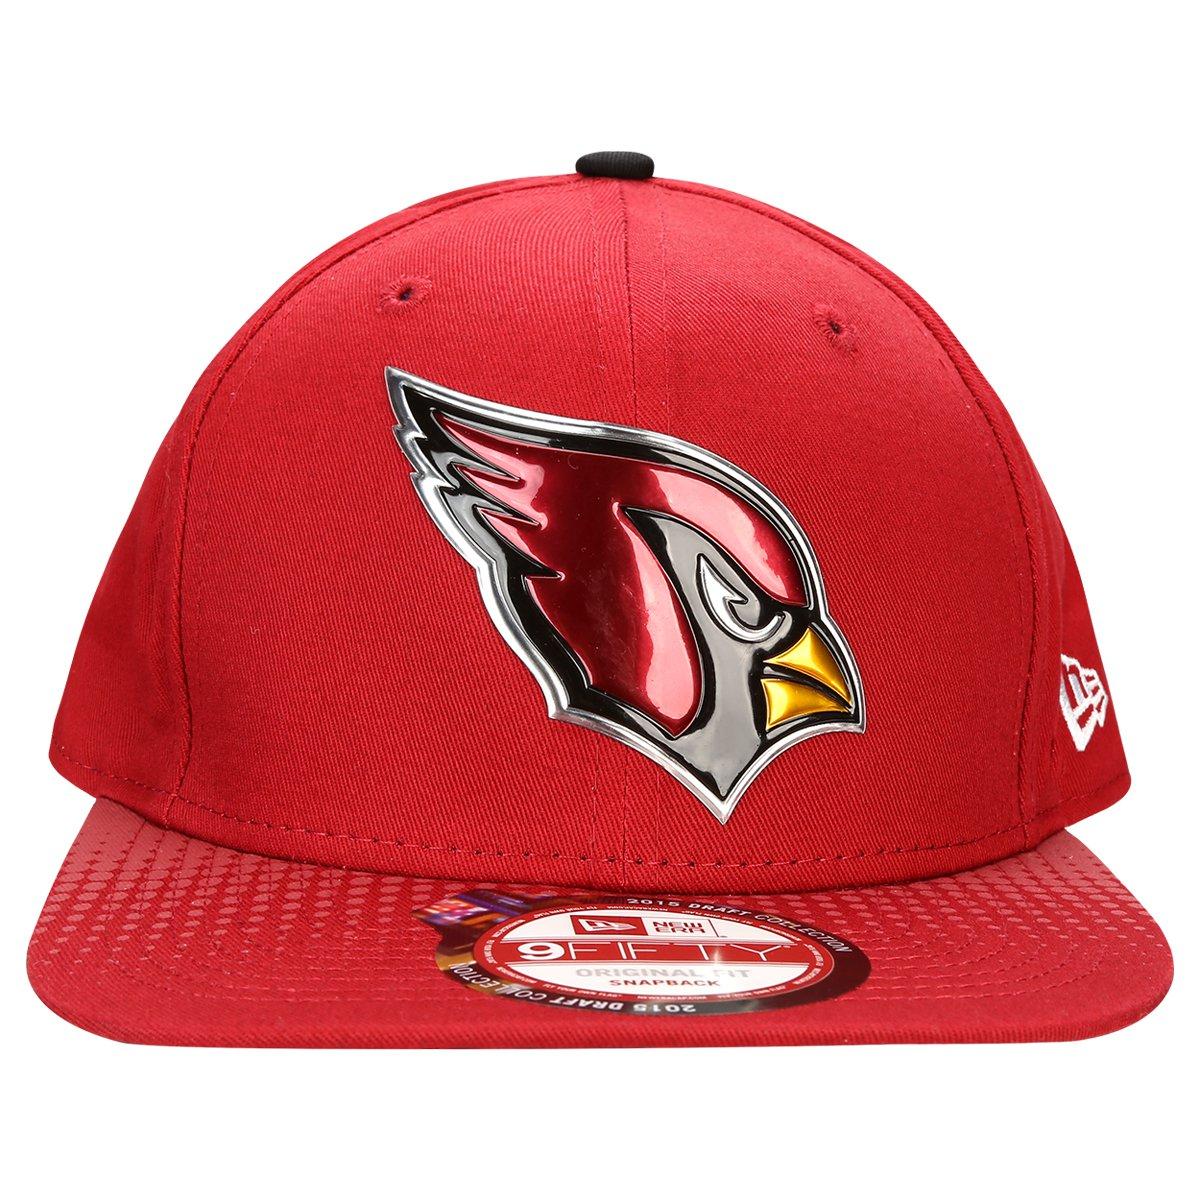 Boné New Era NFL 950 Official Draft Arizona Cardinals - Compre Agora ... c82cbf9a79d